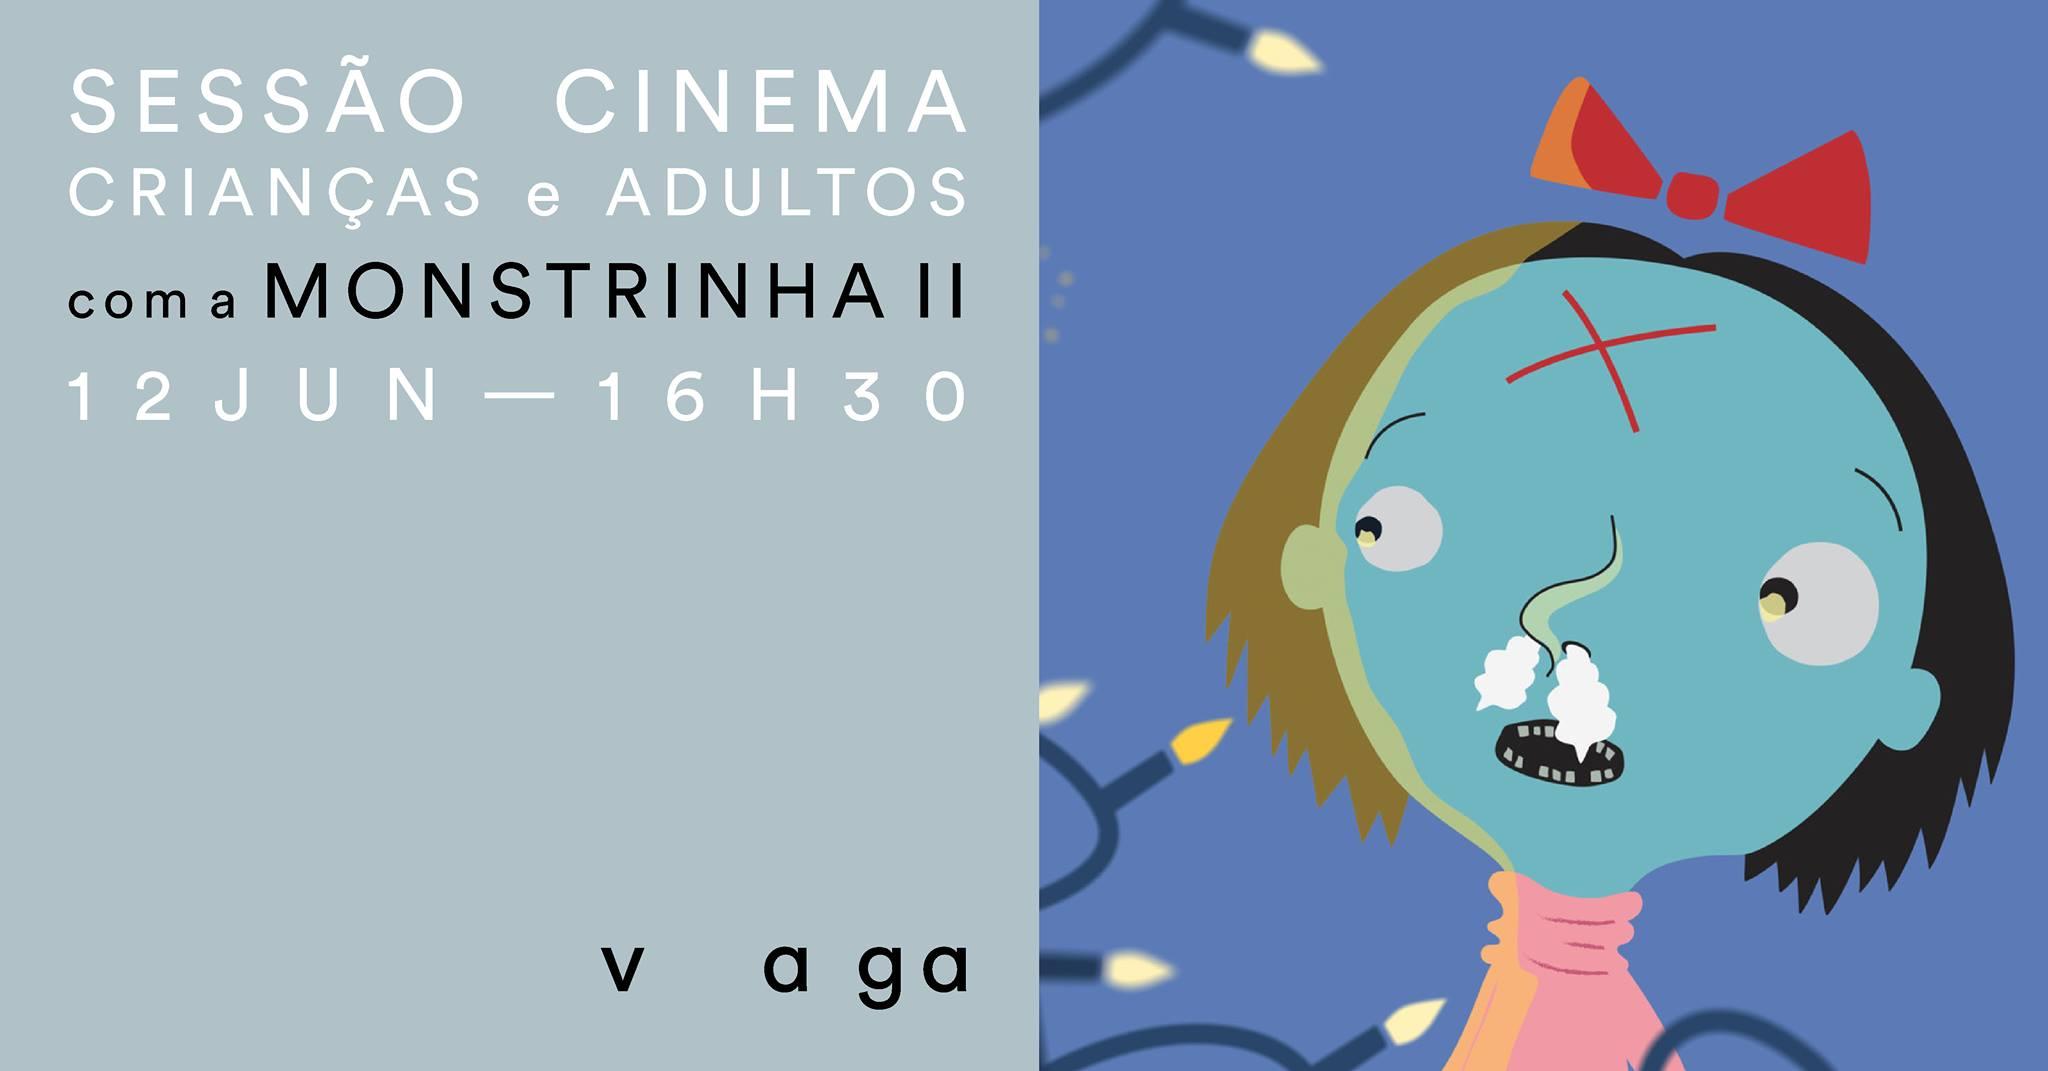 Sessão de cinema para crianças e adultos com a Monstrinha II